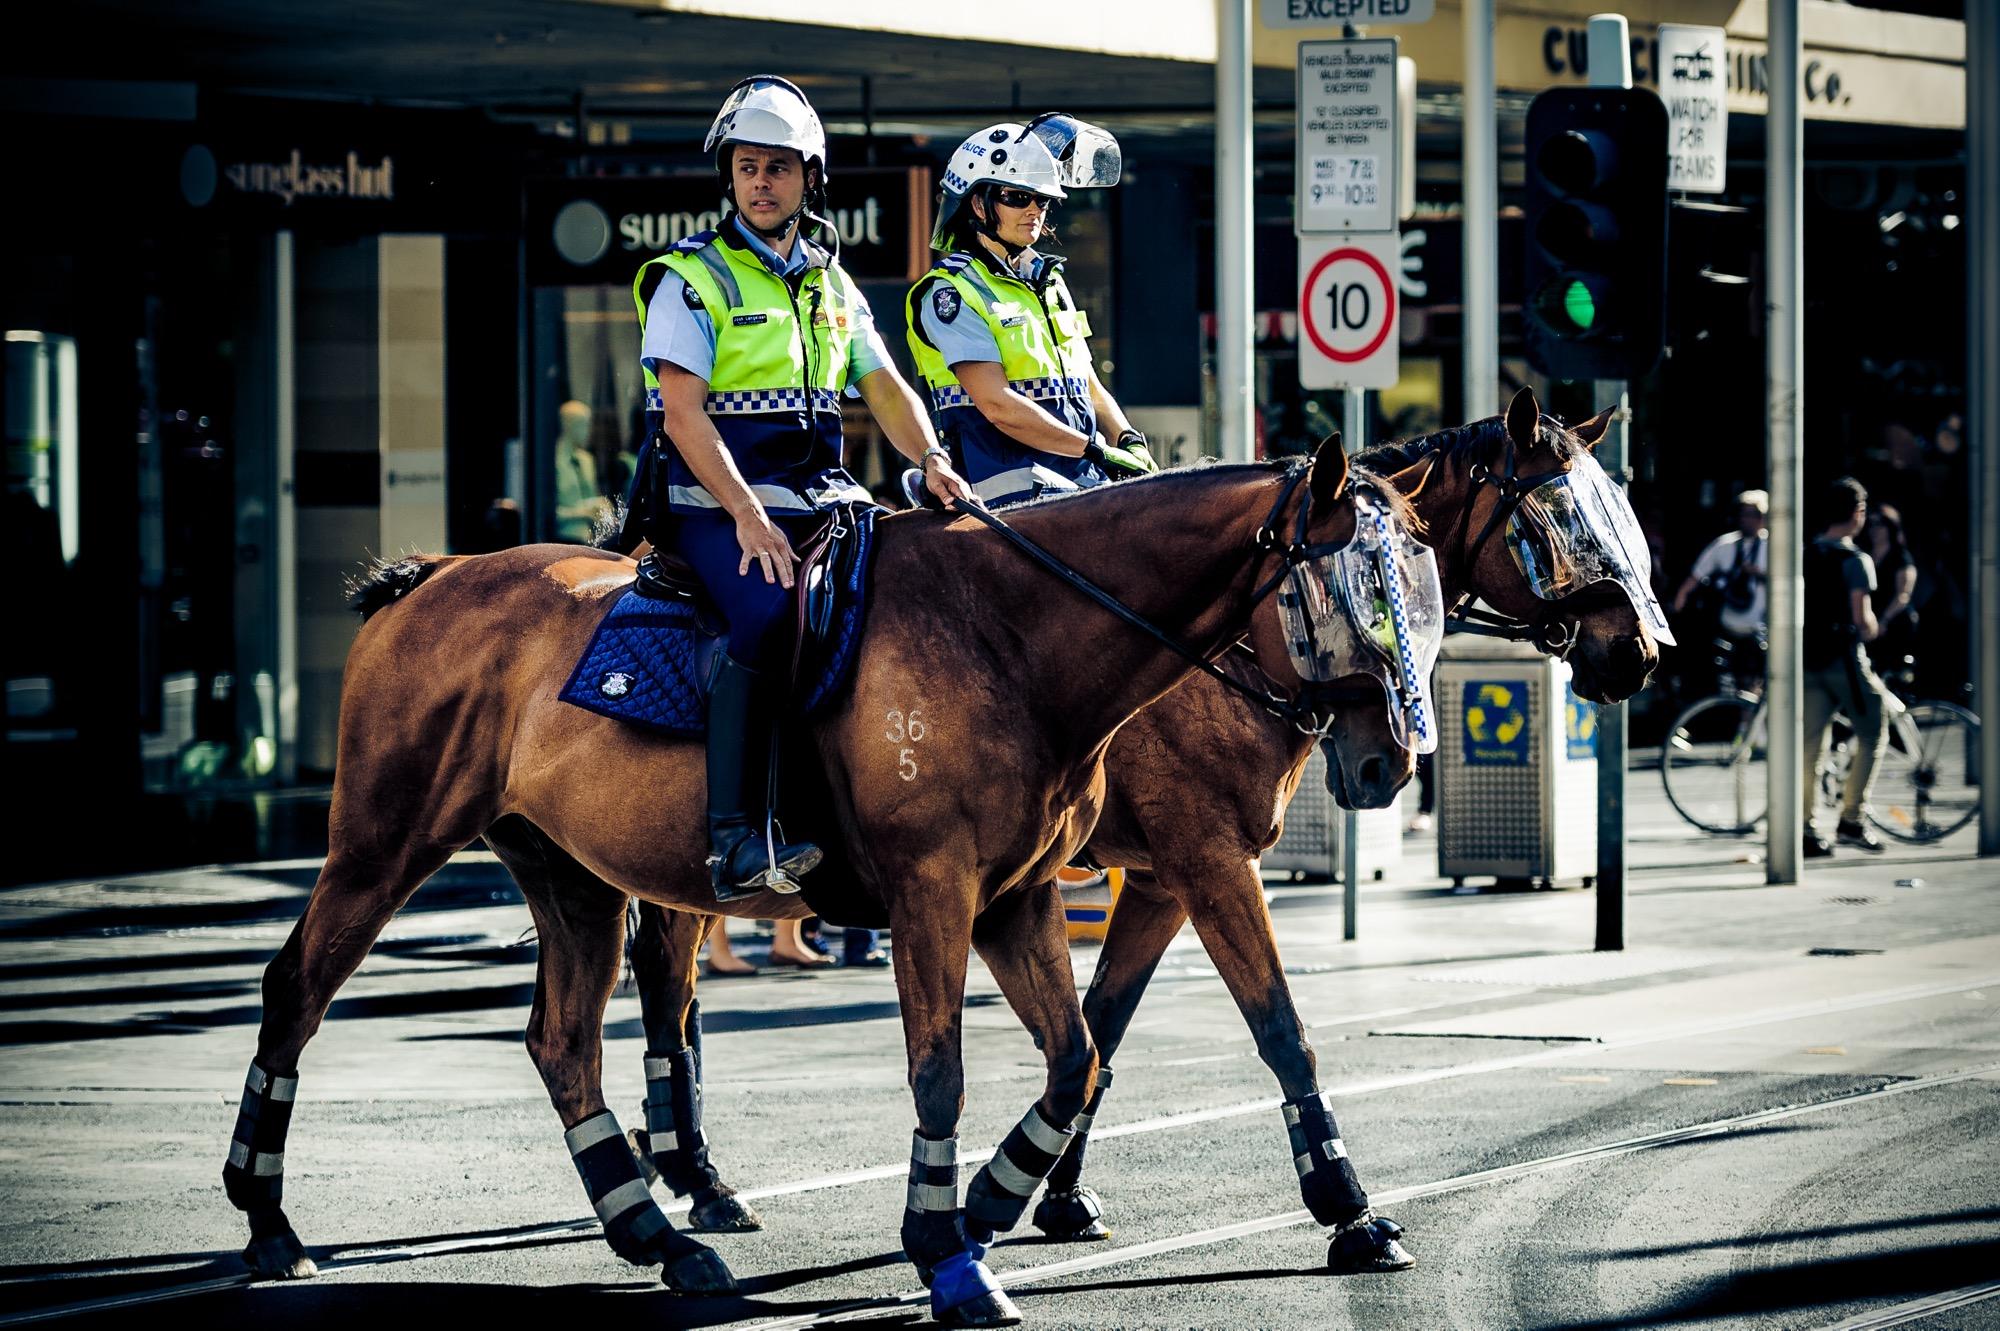 Horseback in the city